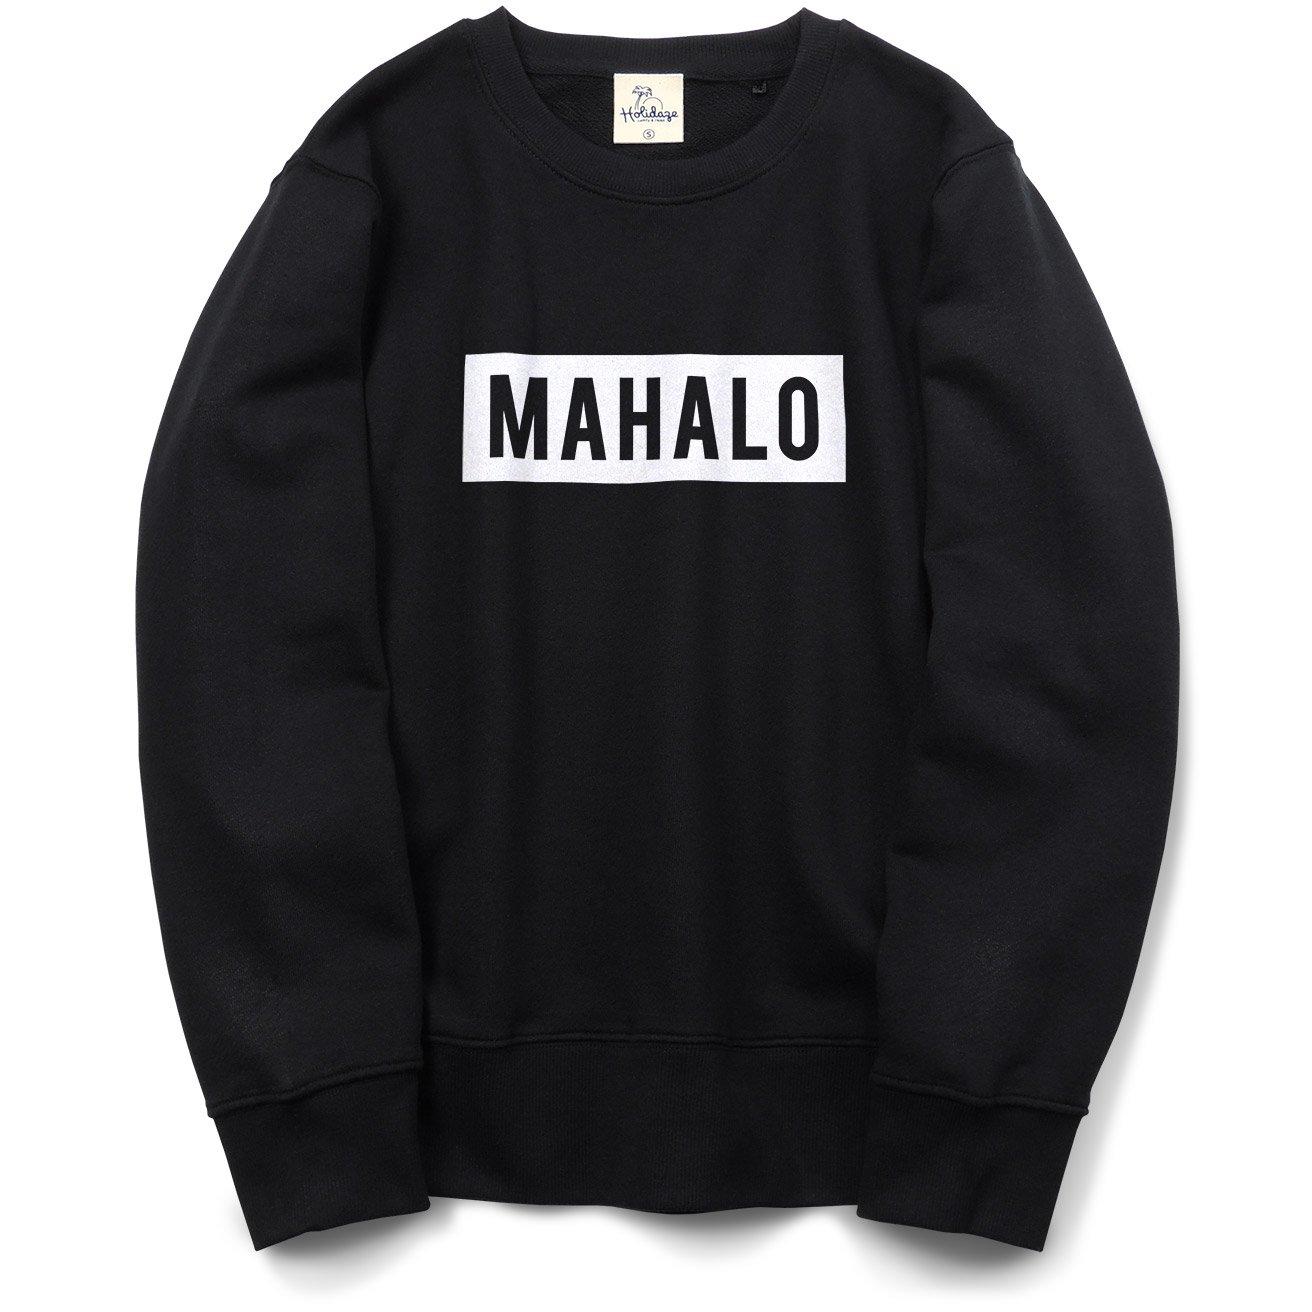 ホリデイズのサーフ系 MAHALO スウェット